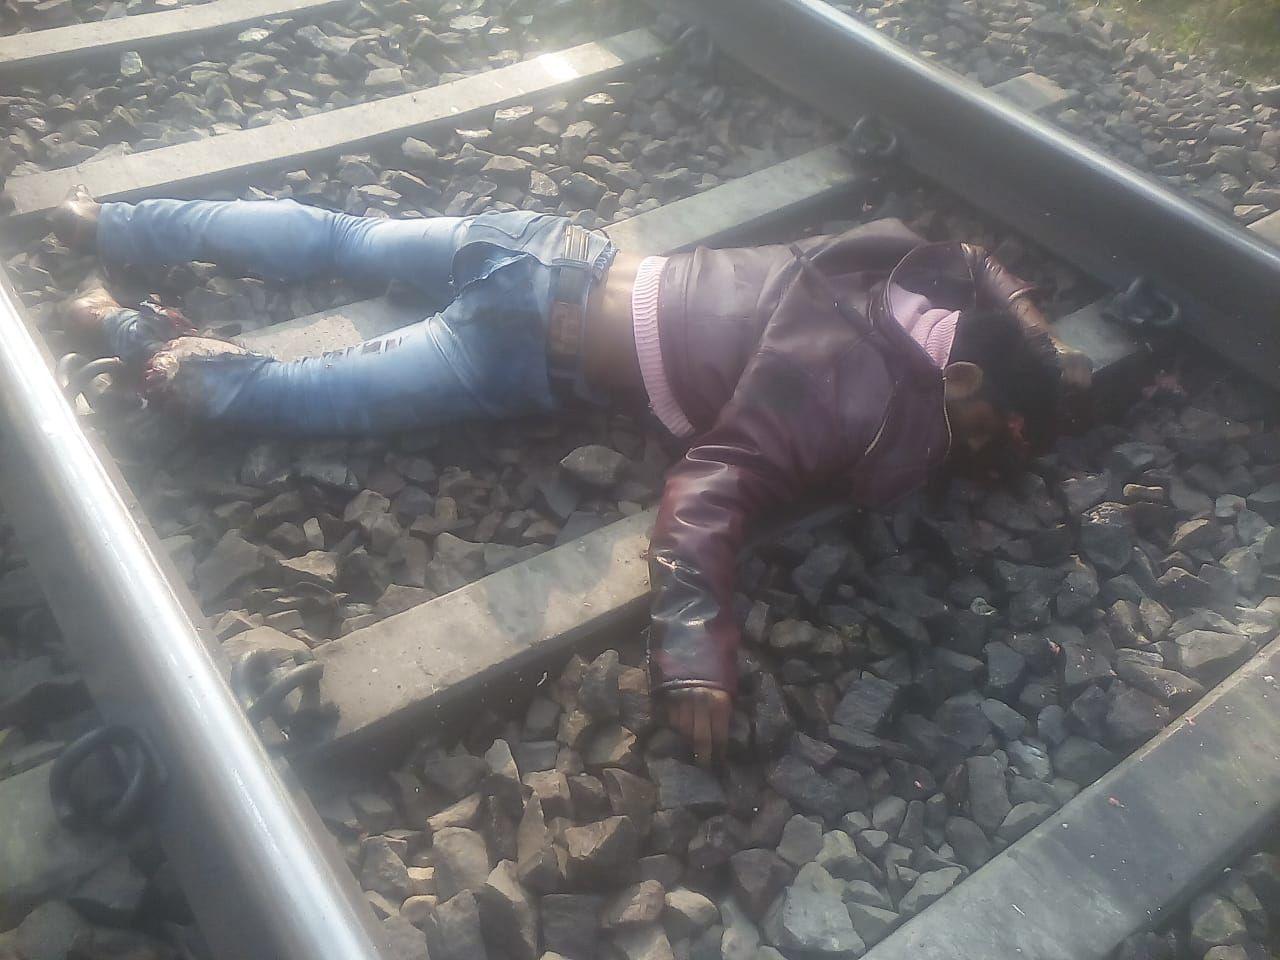 बाराबंकी : ट्रेन की चपेट में आकर ट्रक ड्राइवर की मौत